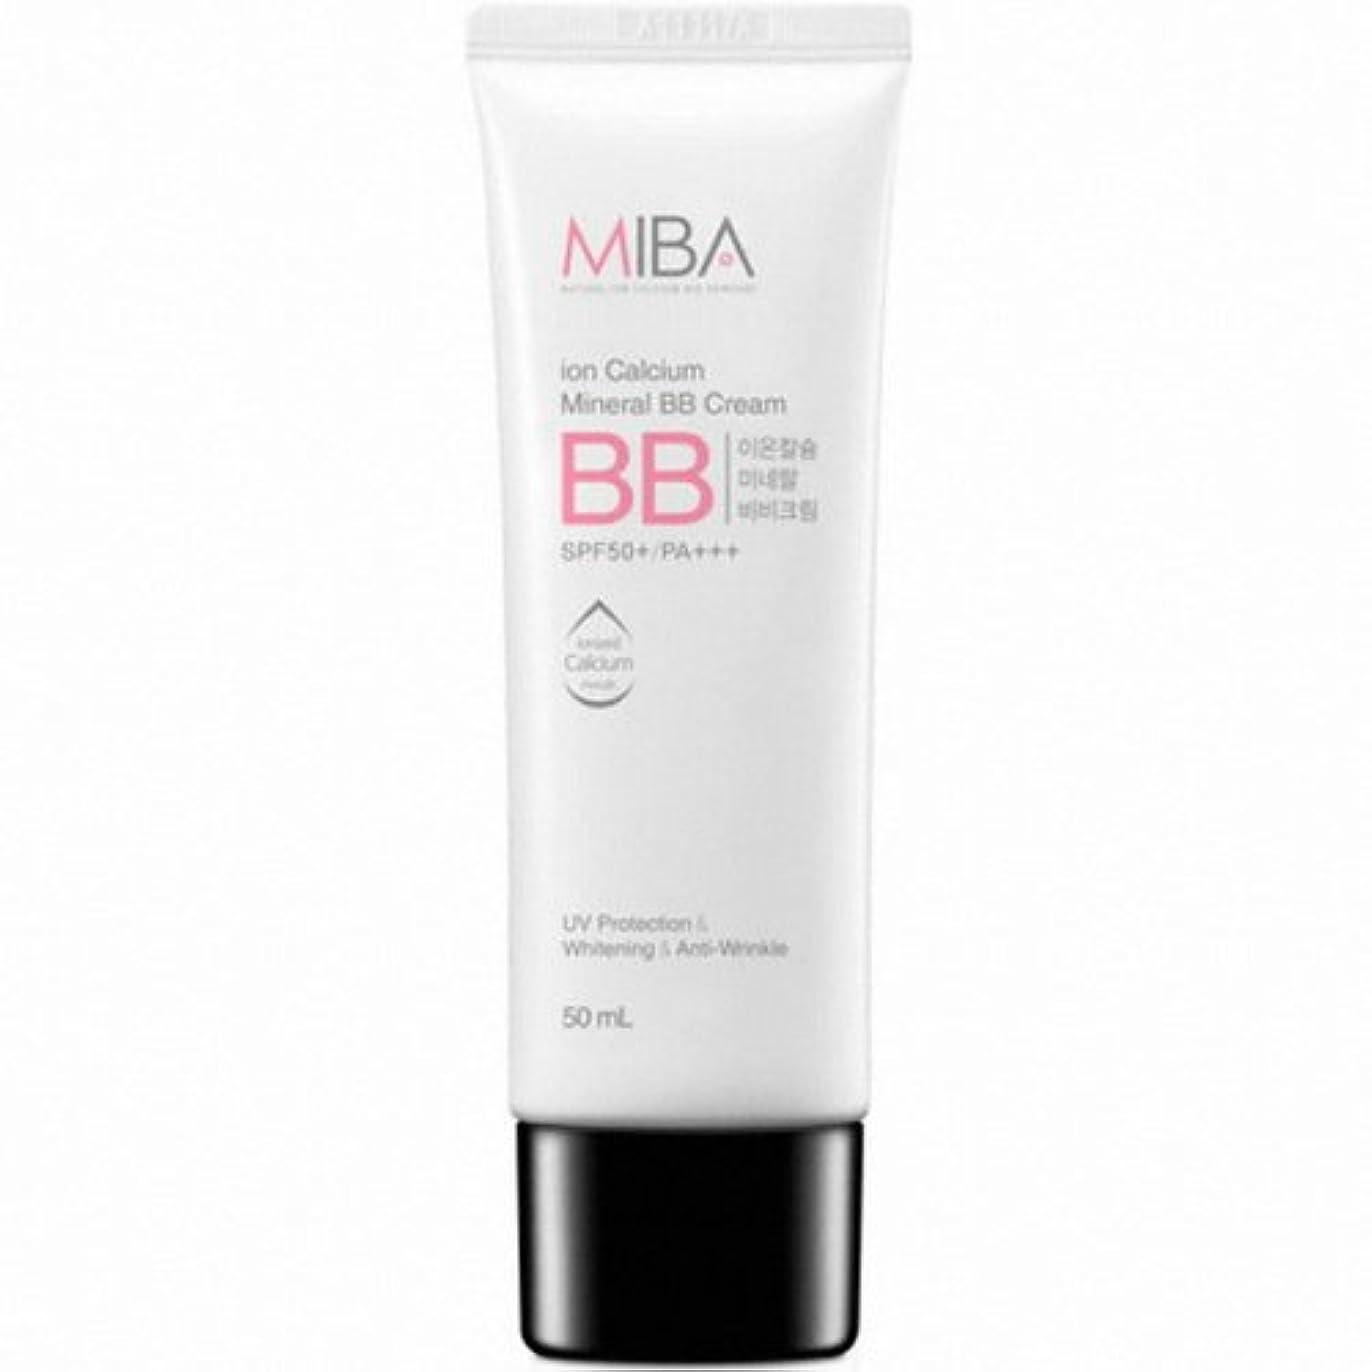 なぞらえる逃げる上院議員MINERALBIO (ミネラルバイオ) ミバ イオン カルシウム ミネラル ビビクリーム / MIBA Ion Calcium Mineral BB Cream (50ml) [並行輸入品]